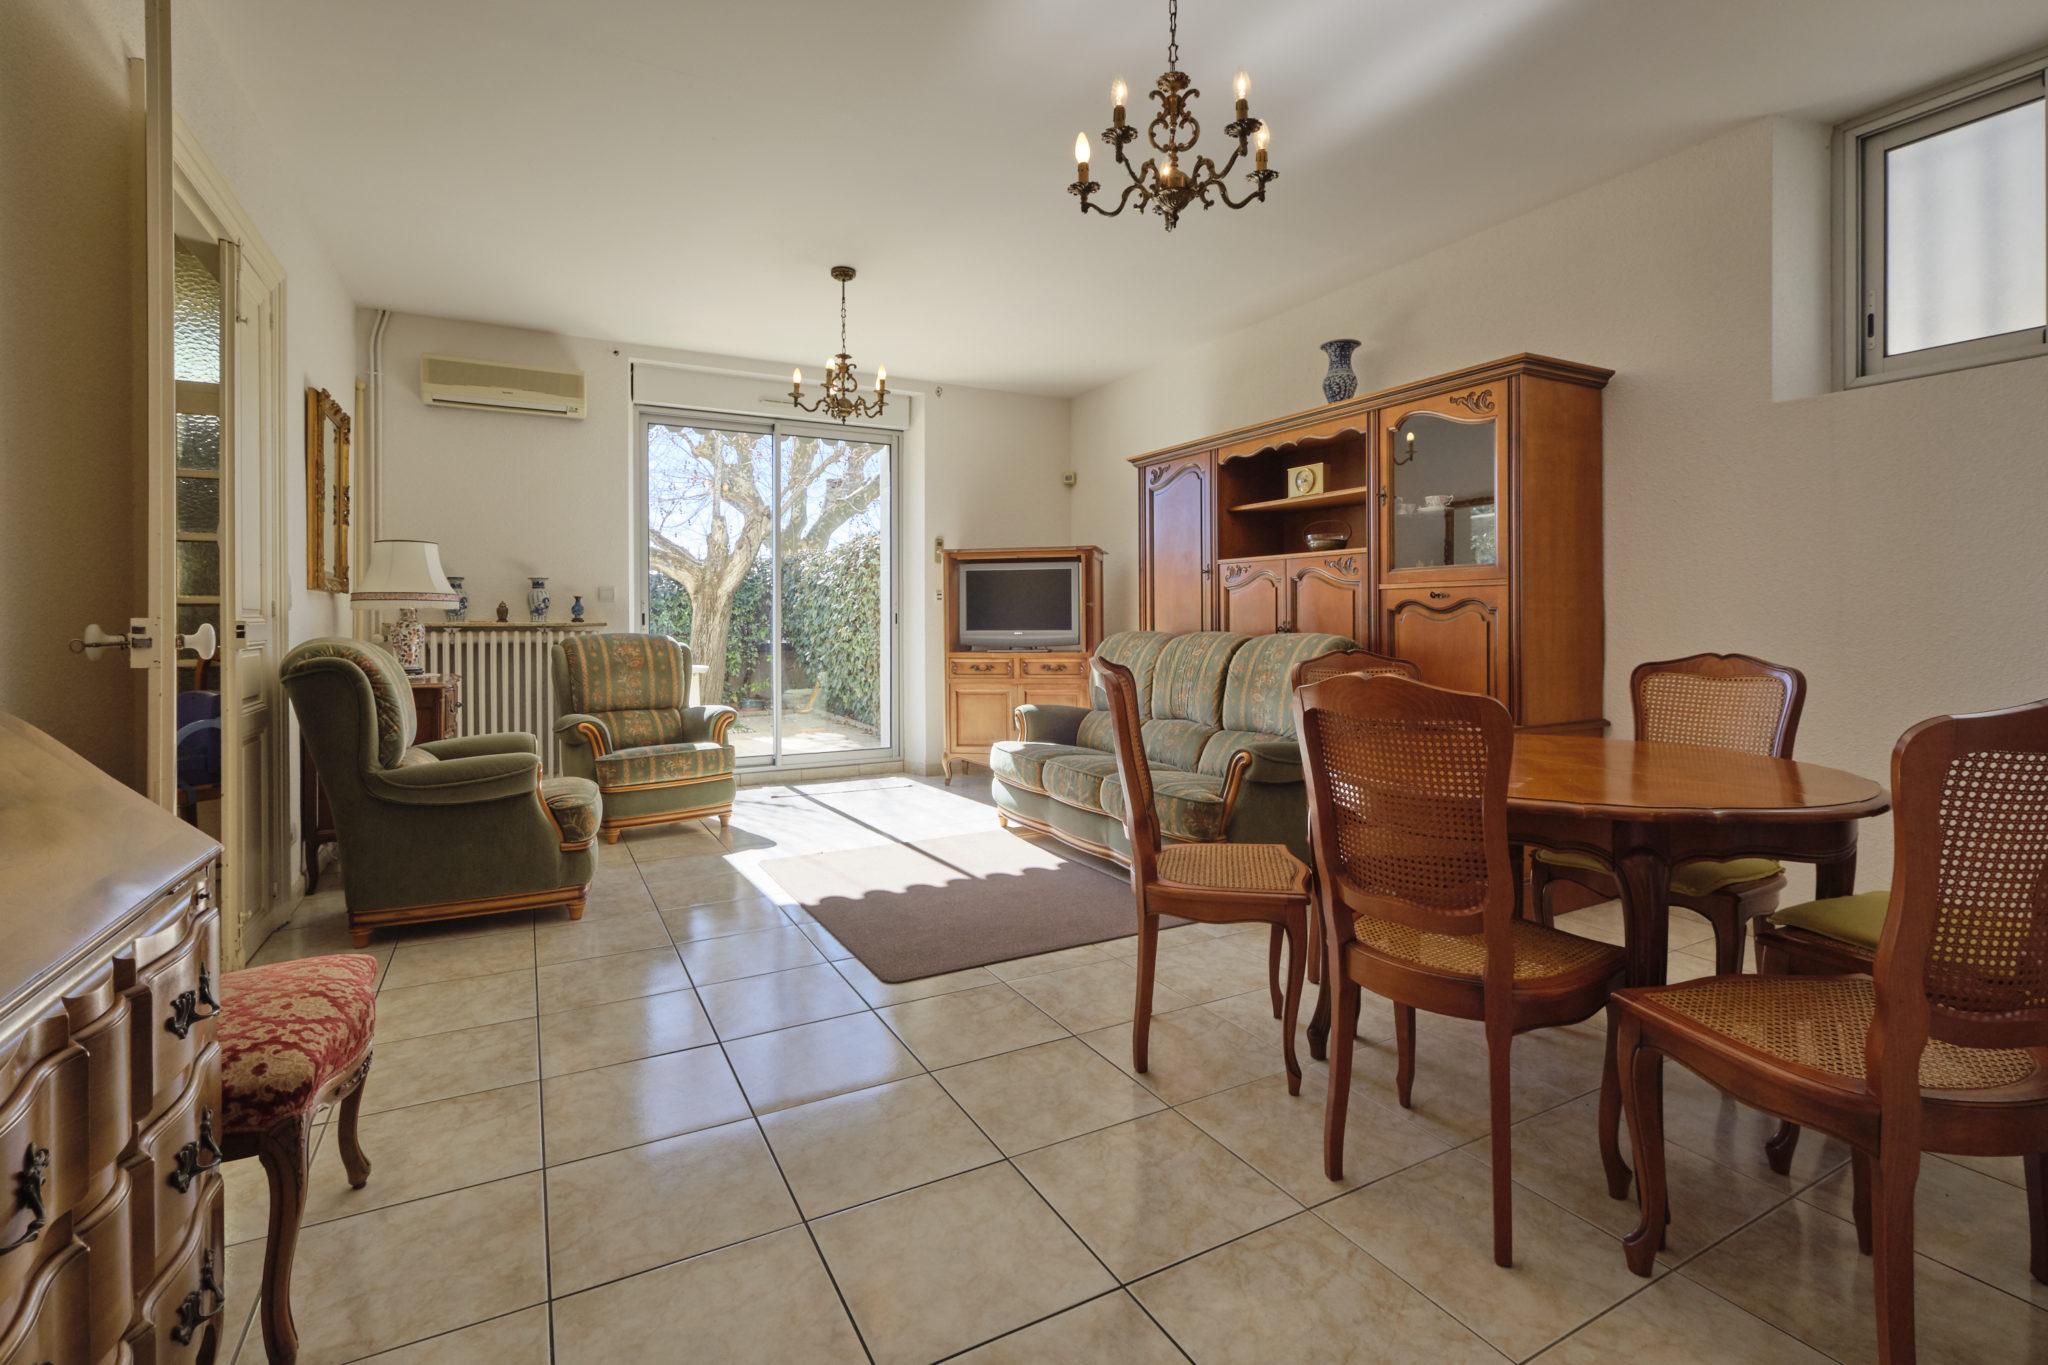 Foncia Immobilier - SHOOTING N° 953675 INFORMATIONS UTILES : Référence du bien : 131 RUE DE LA CONDAMINE - 01550 Adresse :11600 SALLELES CABARDES Nombre de pièces * : 5 Surface : 300 m²